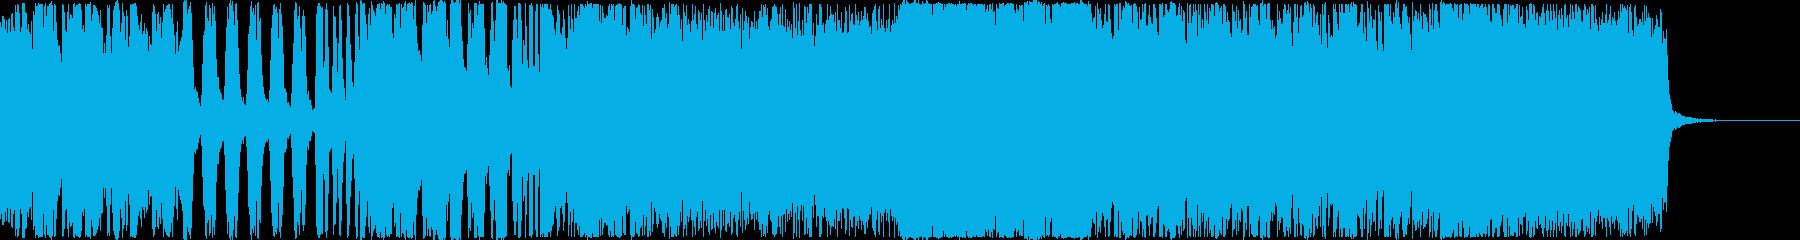 重厚な戦闘曲の再生済みの波形